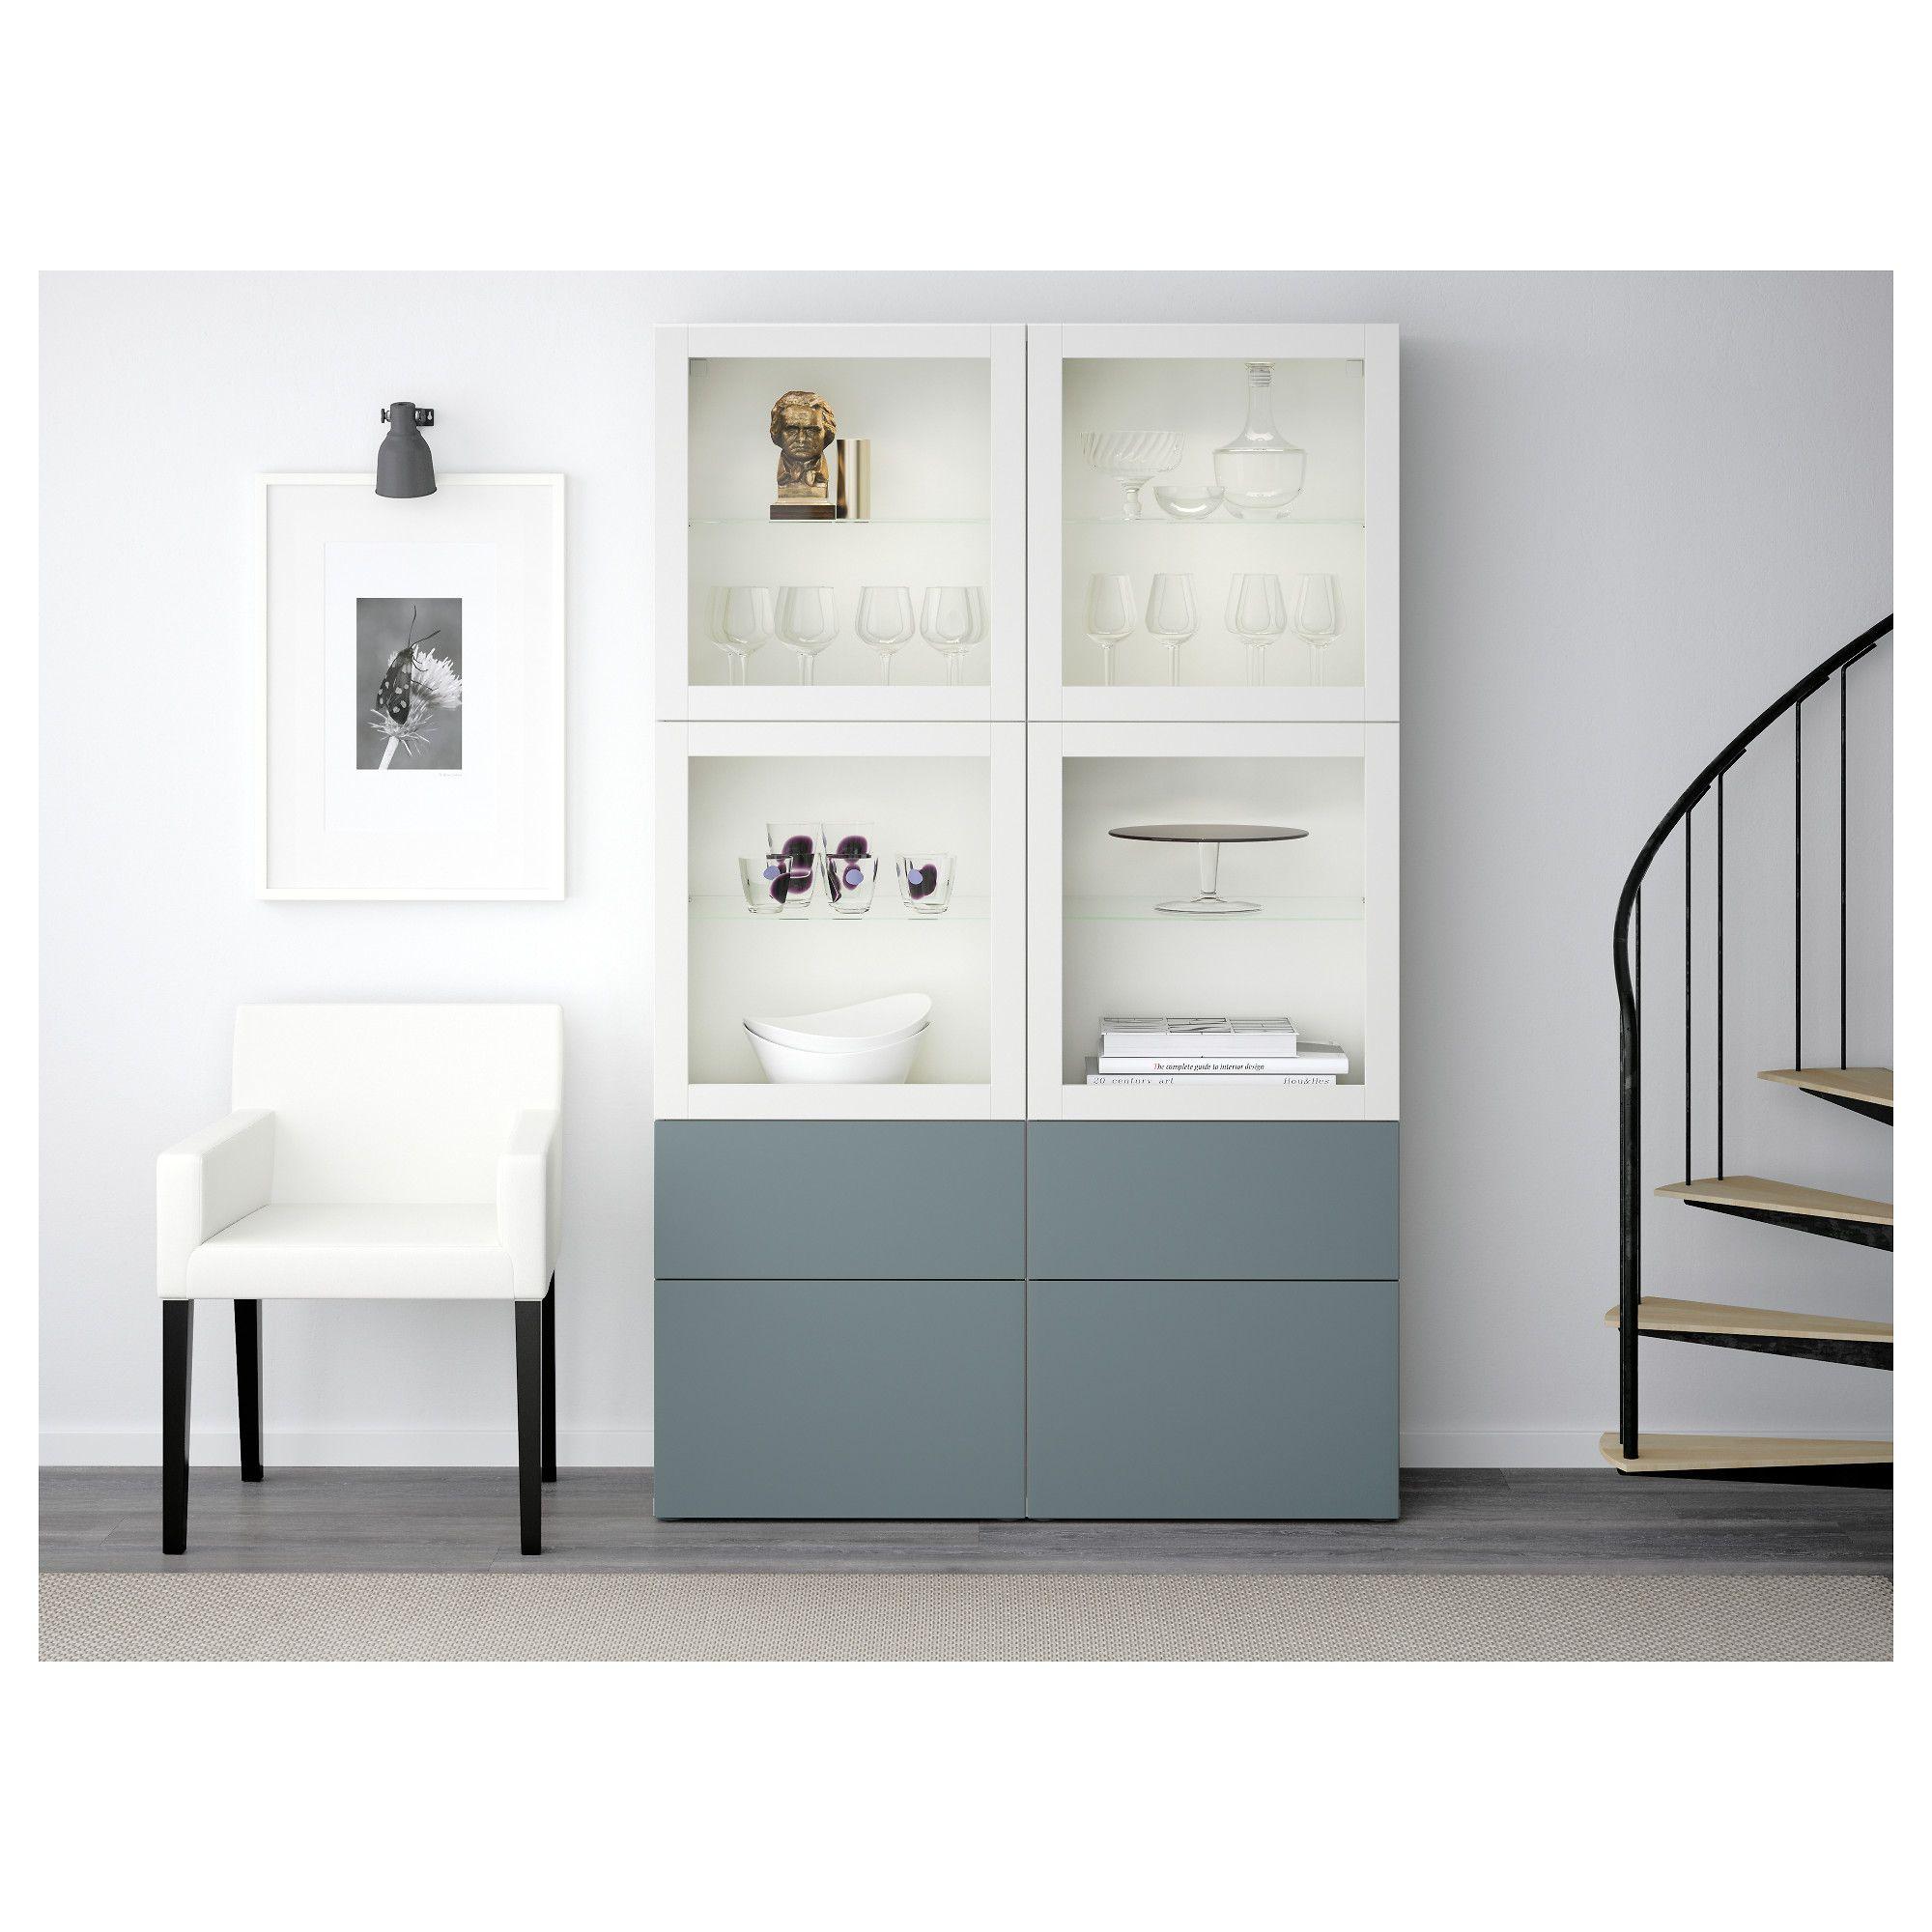 Ikea Best Storage Combination Wglass Doors White Valviken